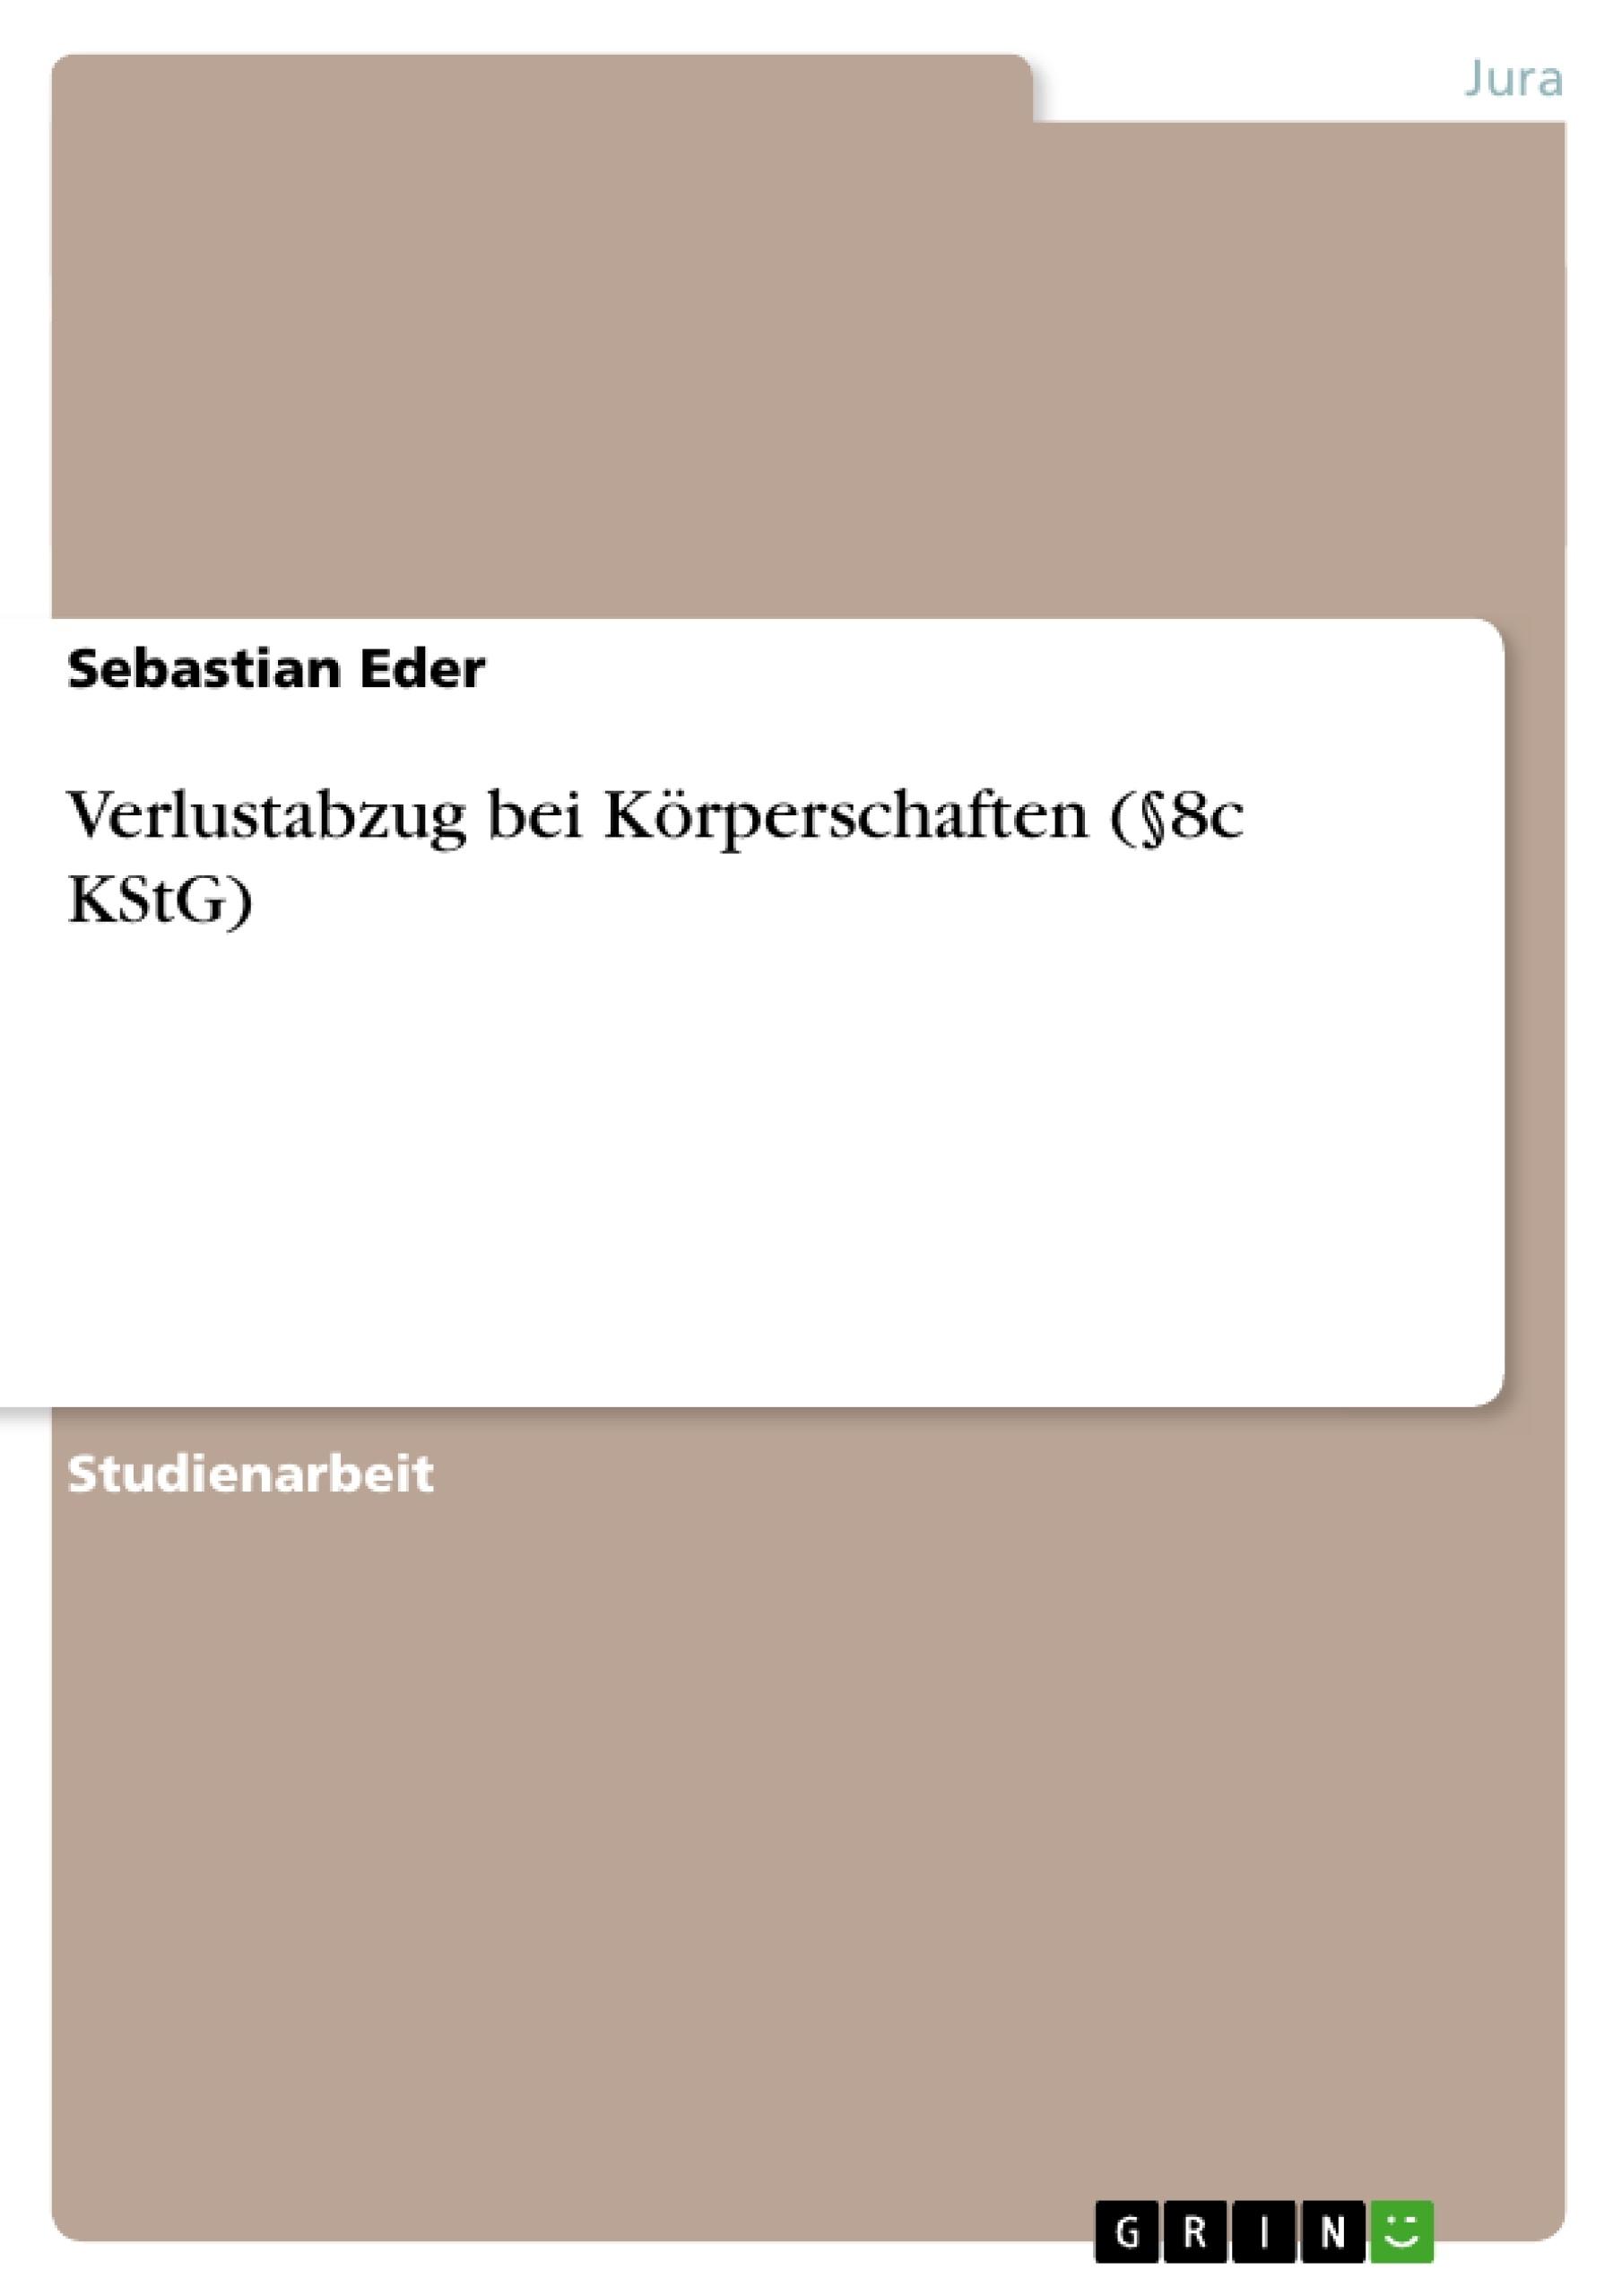 Titel: Verlustabzug bei Körperschaften (§8c KStG)